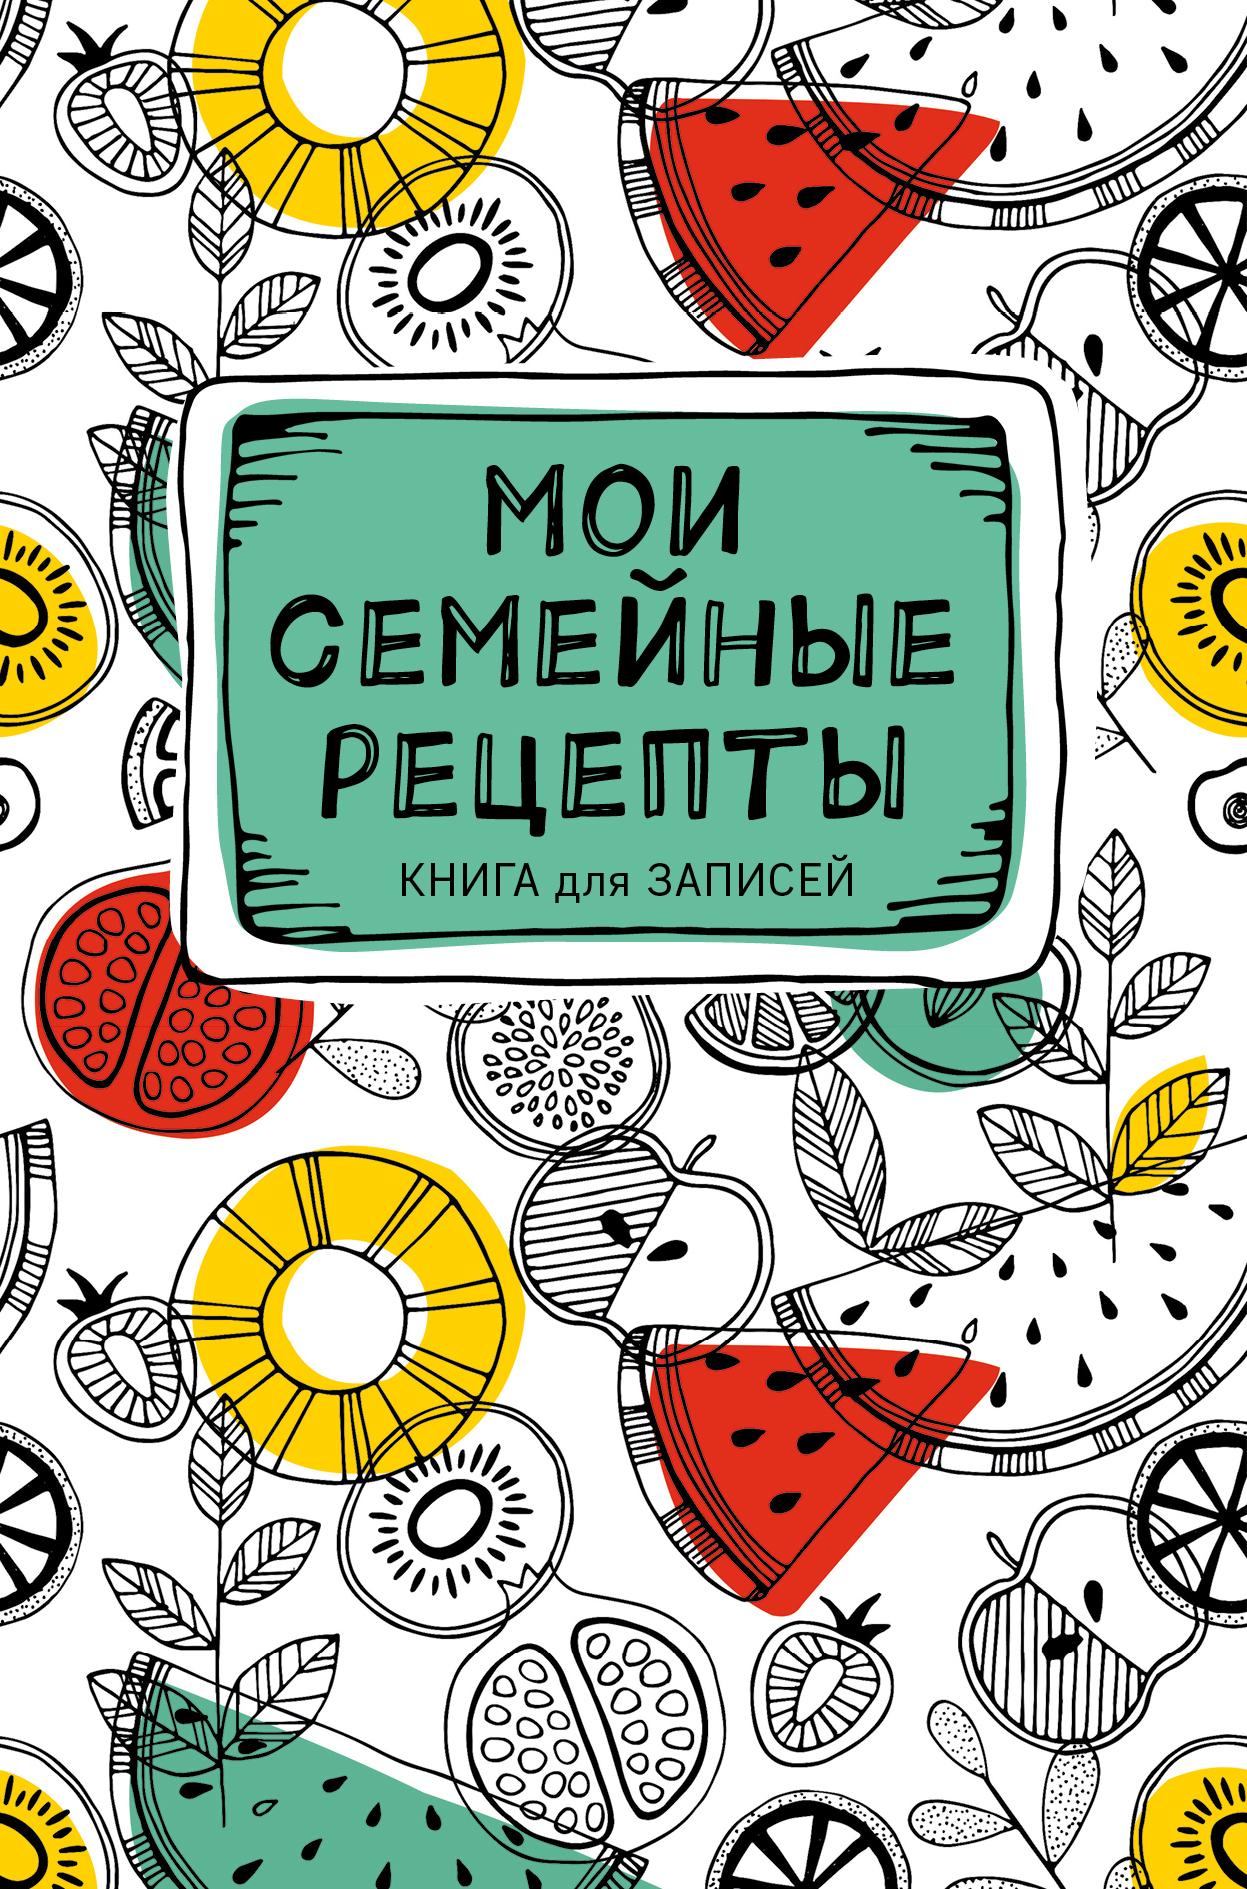 Мои семейные рецепты. Книга для записей